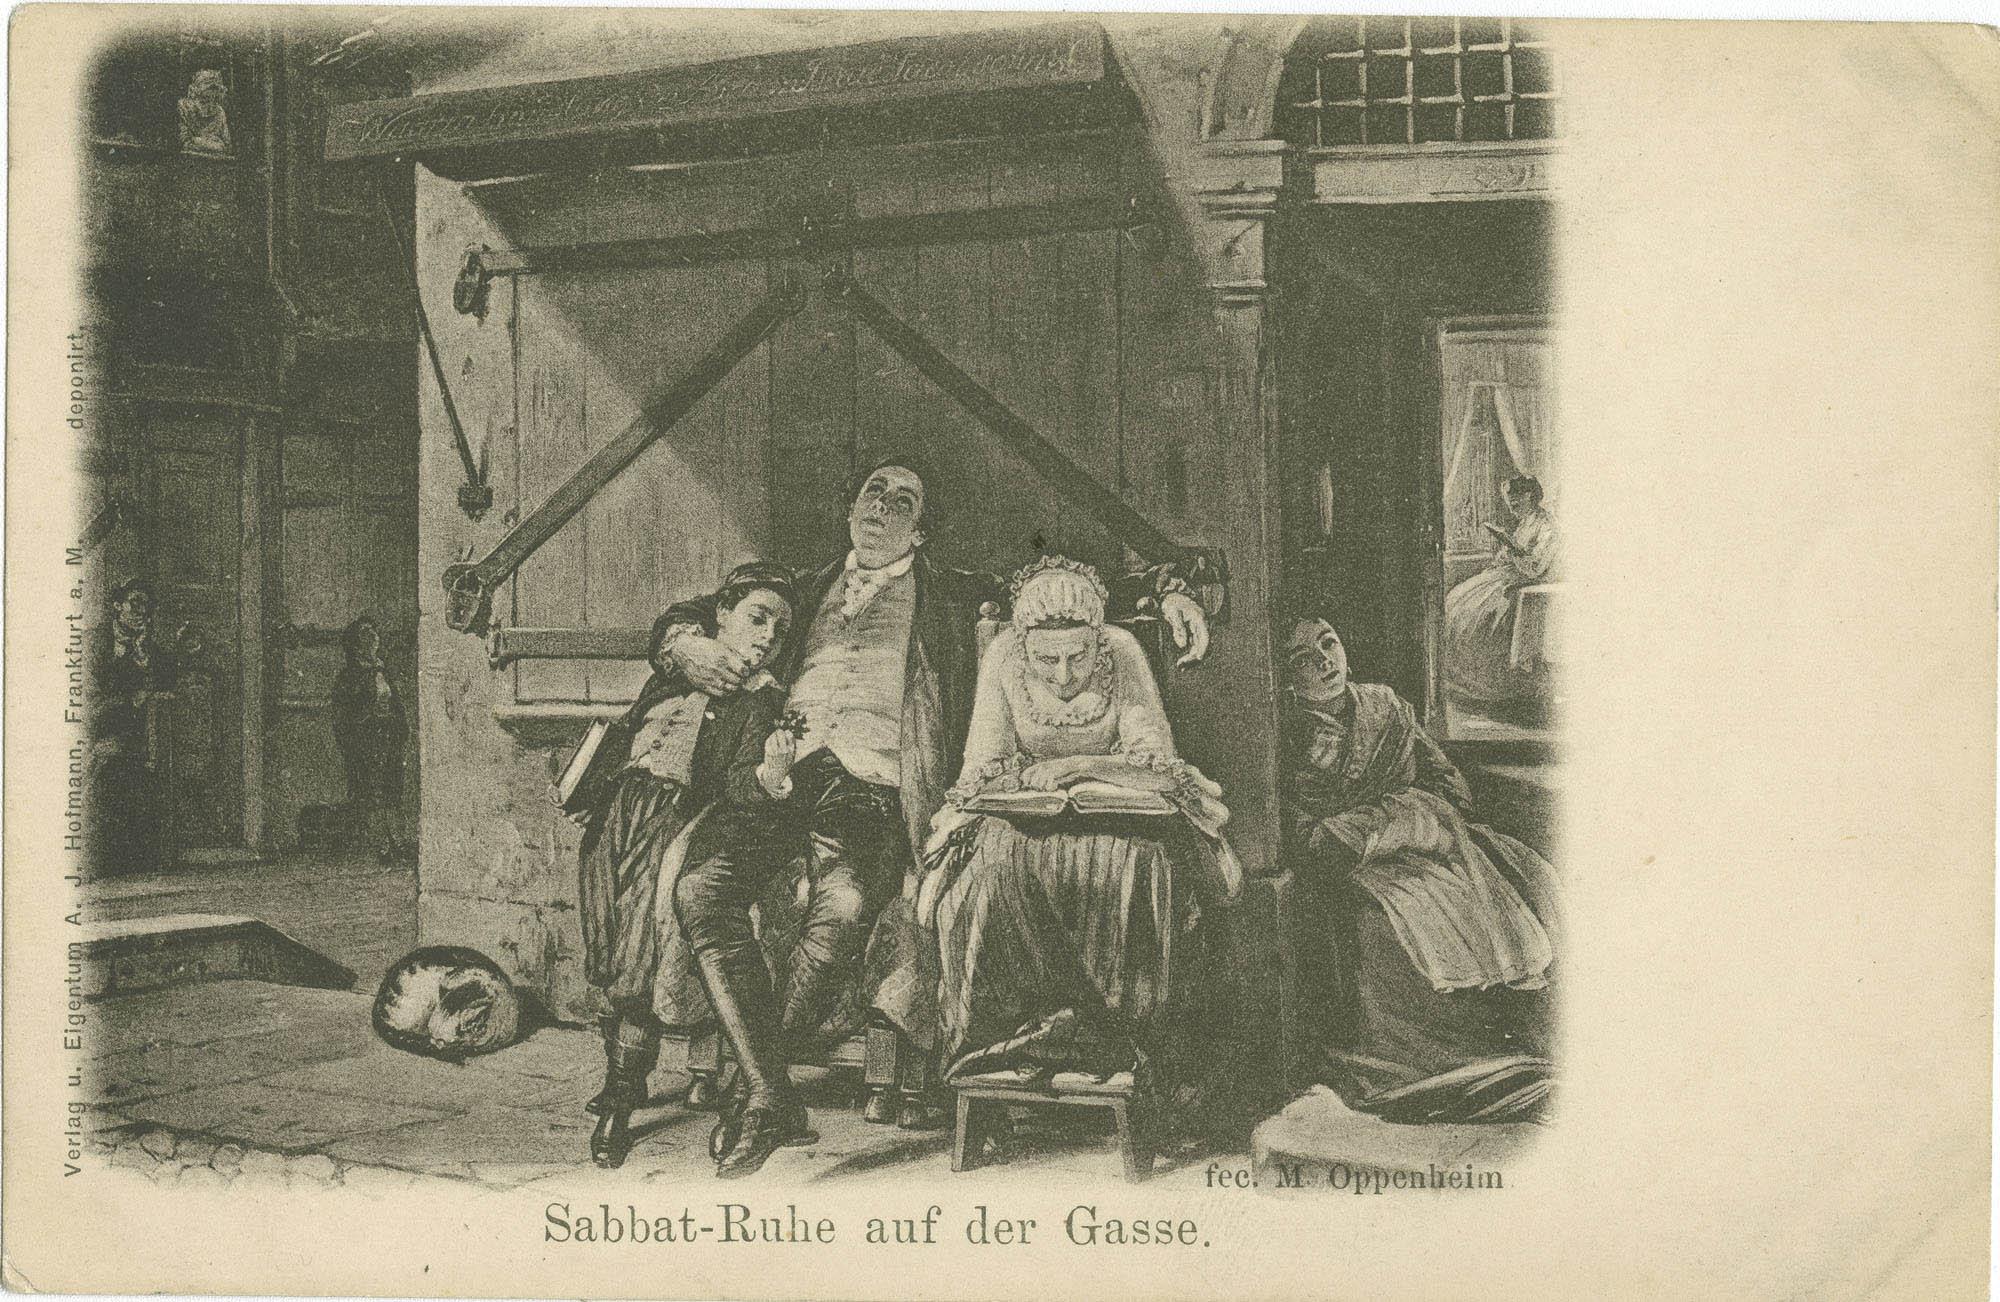 Sabbat-Ruhe auf der Gasse.